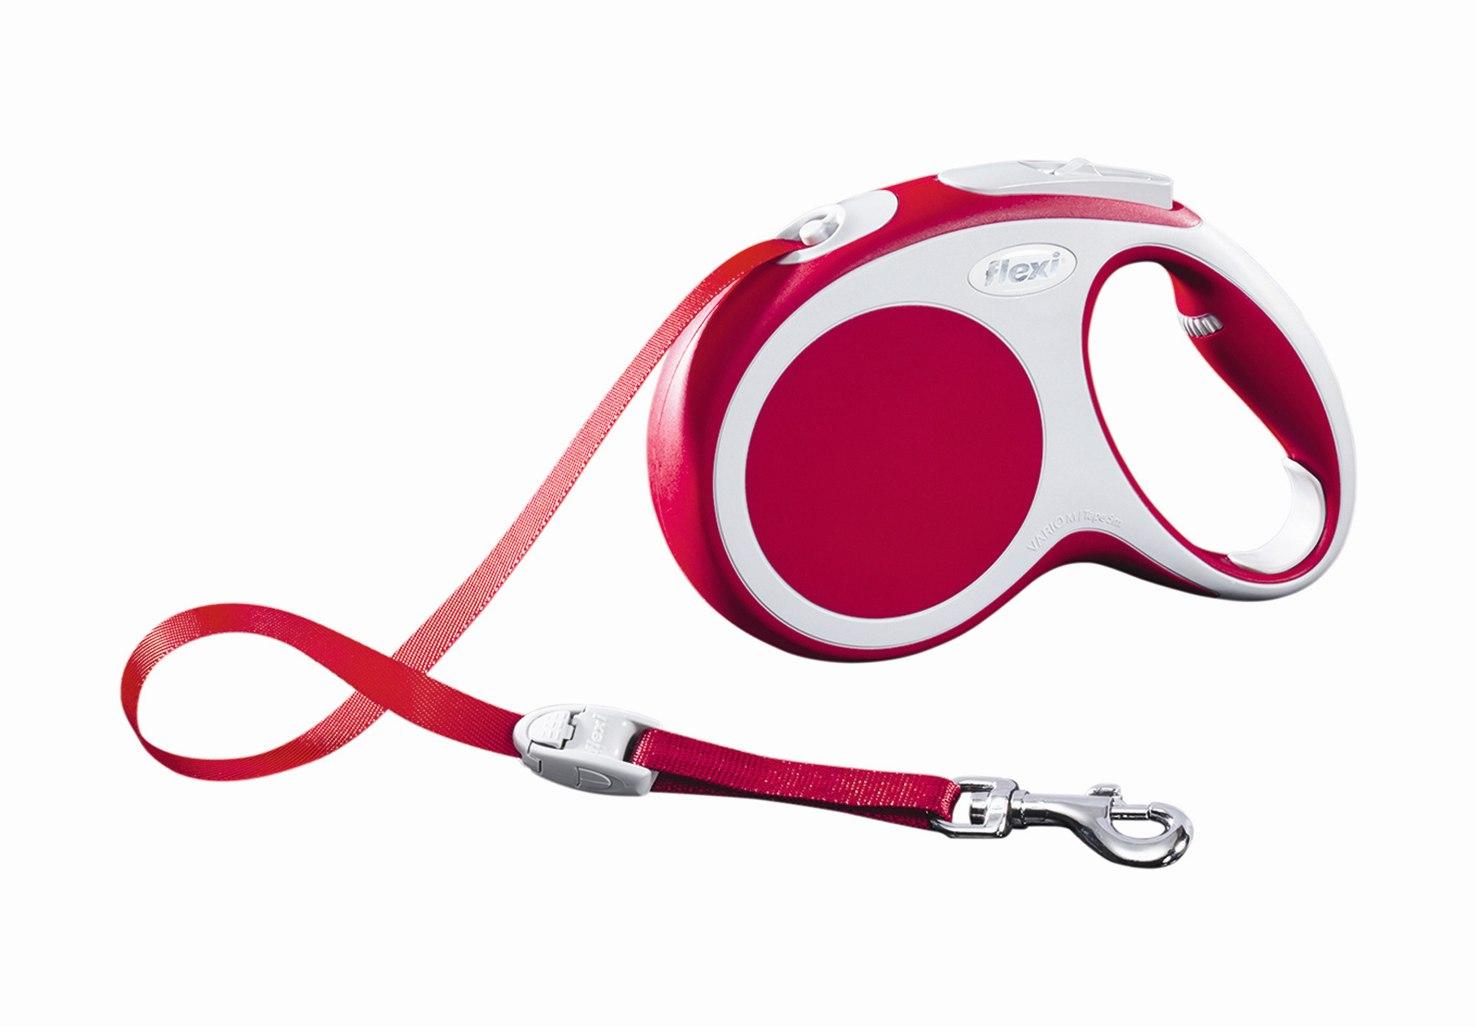 Поводок-рулетка Flexi Vario Compact М для собак до 25 кг, цвет: красный, 5 м020012Поводок-рулетка Flexi Vario Compact М изготовлен из пластика и нейлона. Ленточный поводок обеспечивает каждой собаке свободу движения, что идет на пользу здоровью и радует вашего четвероногого друга. Рулетка очень проста в использовании, оснащена кнопками кратковременной и постоянной фиксации. Ее можно оснастить - мультибоксом для лакомств или пакетиков для сбора фекалий, LED подсветкой корпуса, своркой или ремнем с LED подсветкой. Поводок имеет прочный корпус, хромированную застежку и светоотражающие элементы. Длина поводка: 5 м. Максимальная нагрузка: 25 кг. Товар сертифицирован.